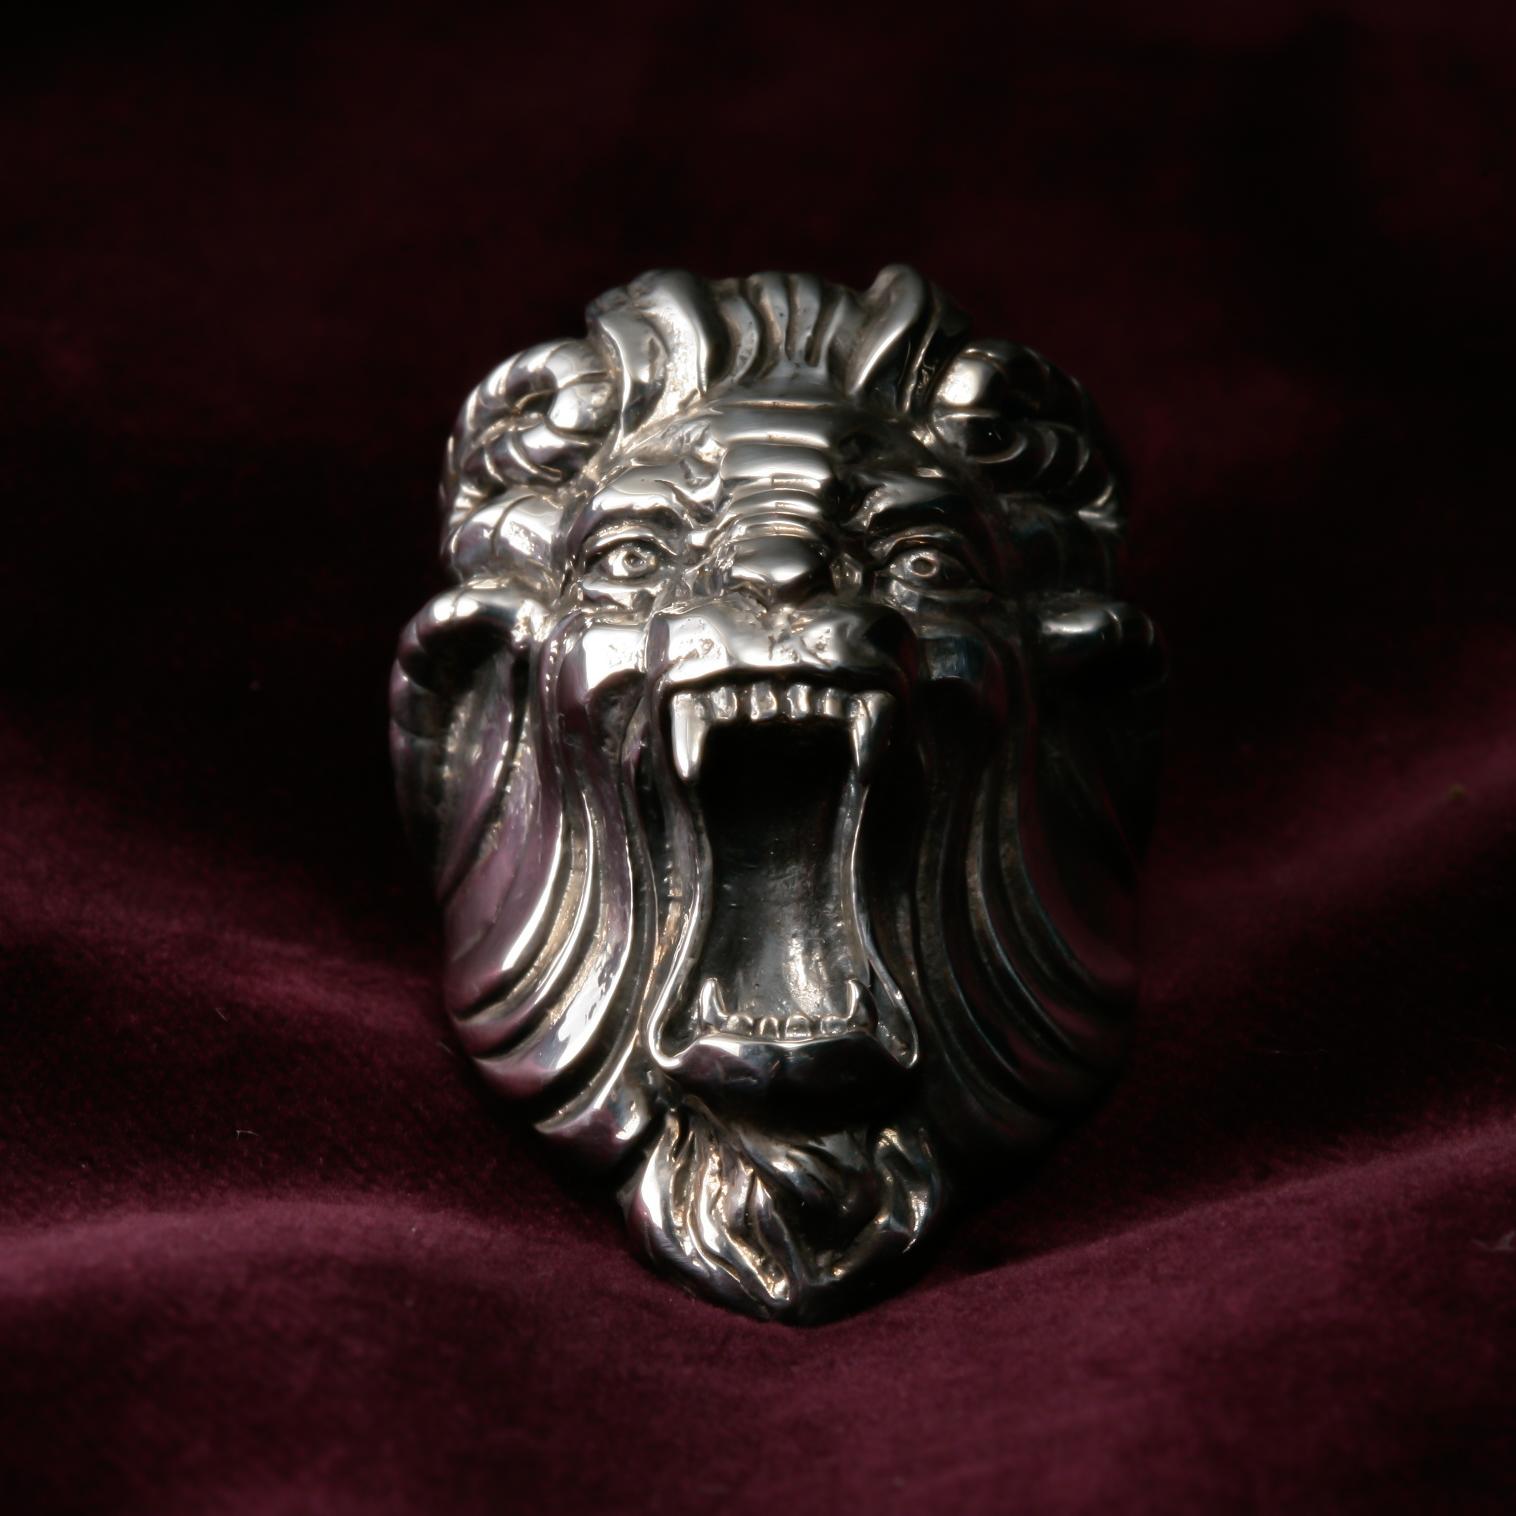 LEON amulet 『レオンアムレット(魔除け)』